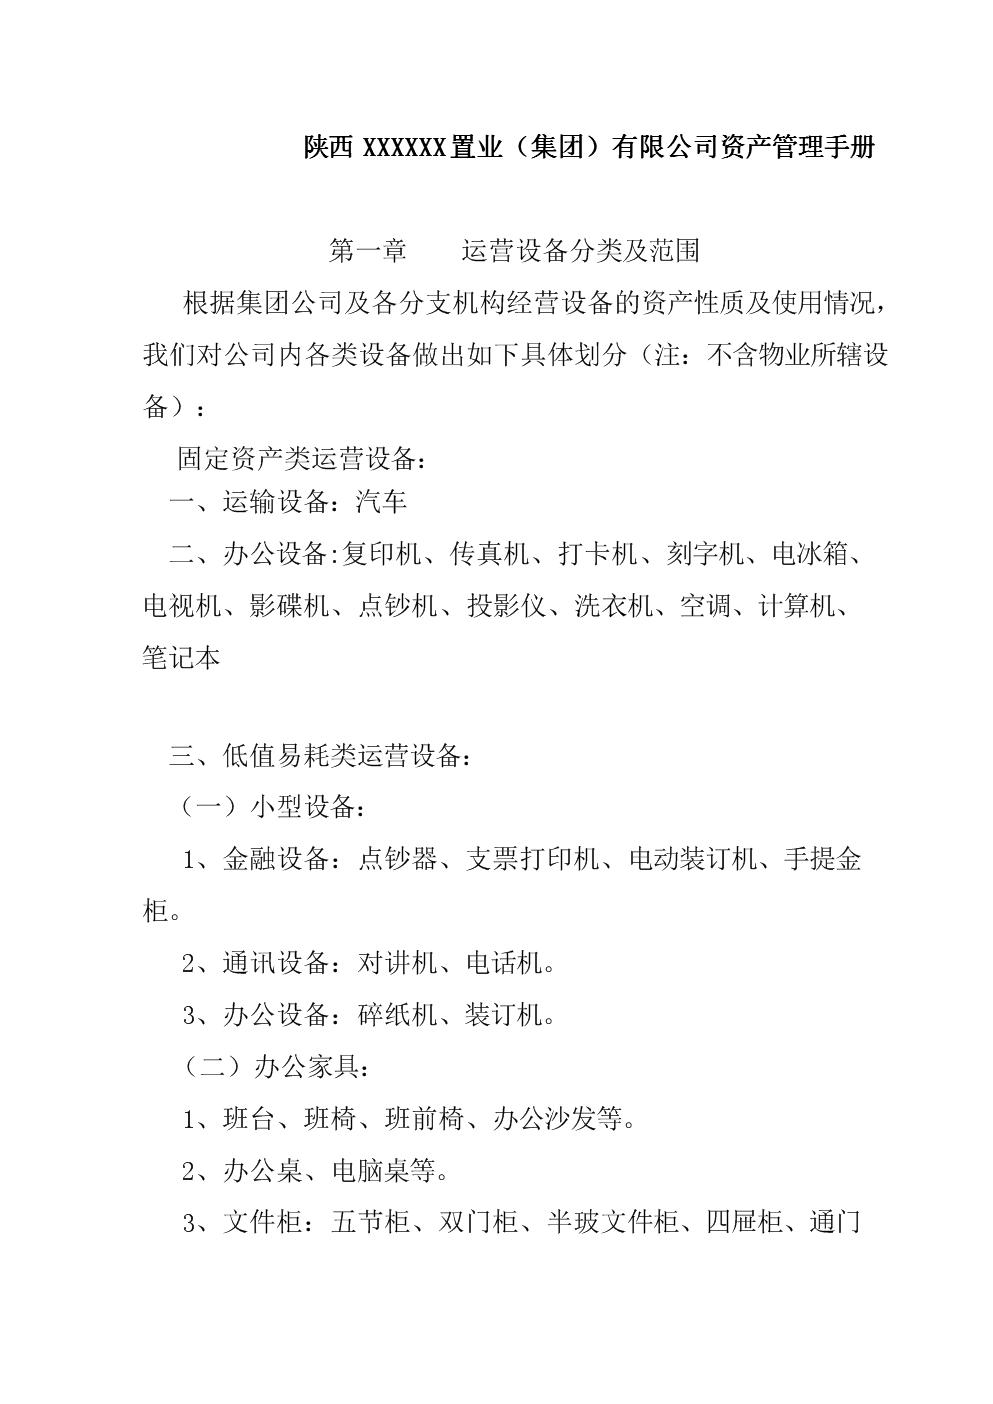 陕西某公司资产管理手册.doc